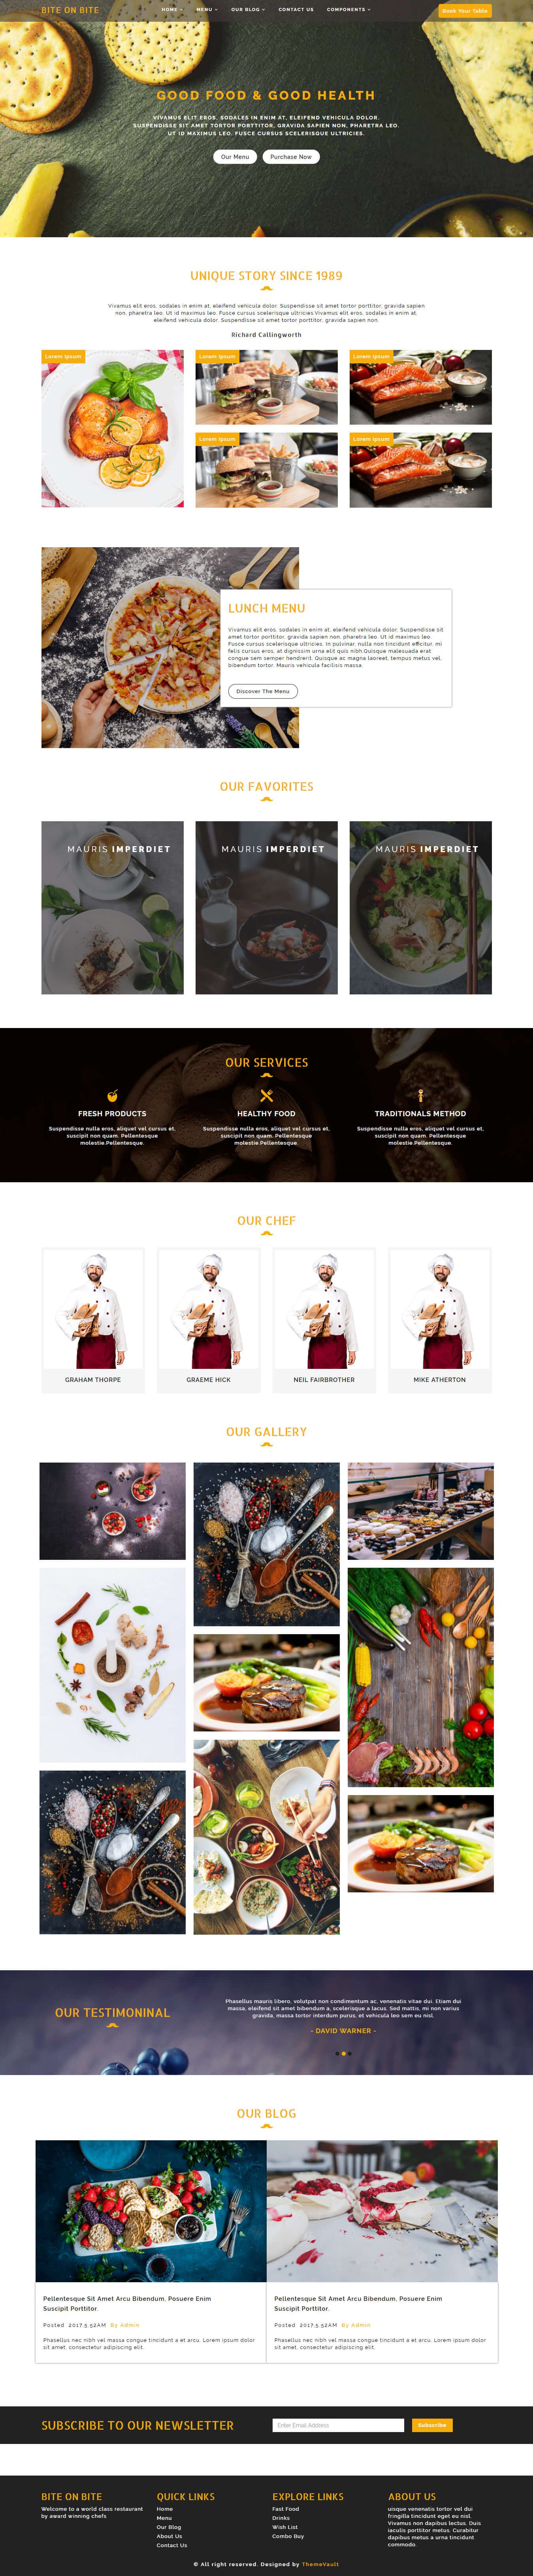 Bite on Bite – Free Restaurant HTML Website Template